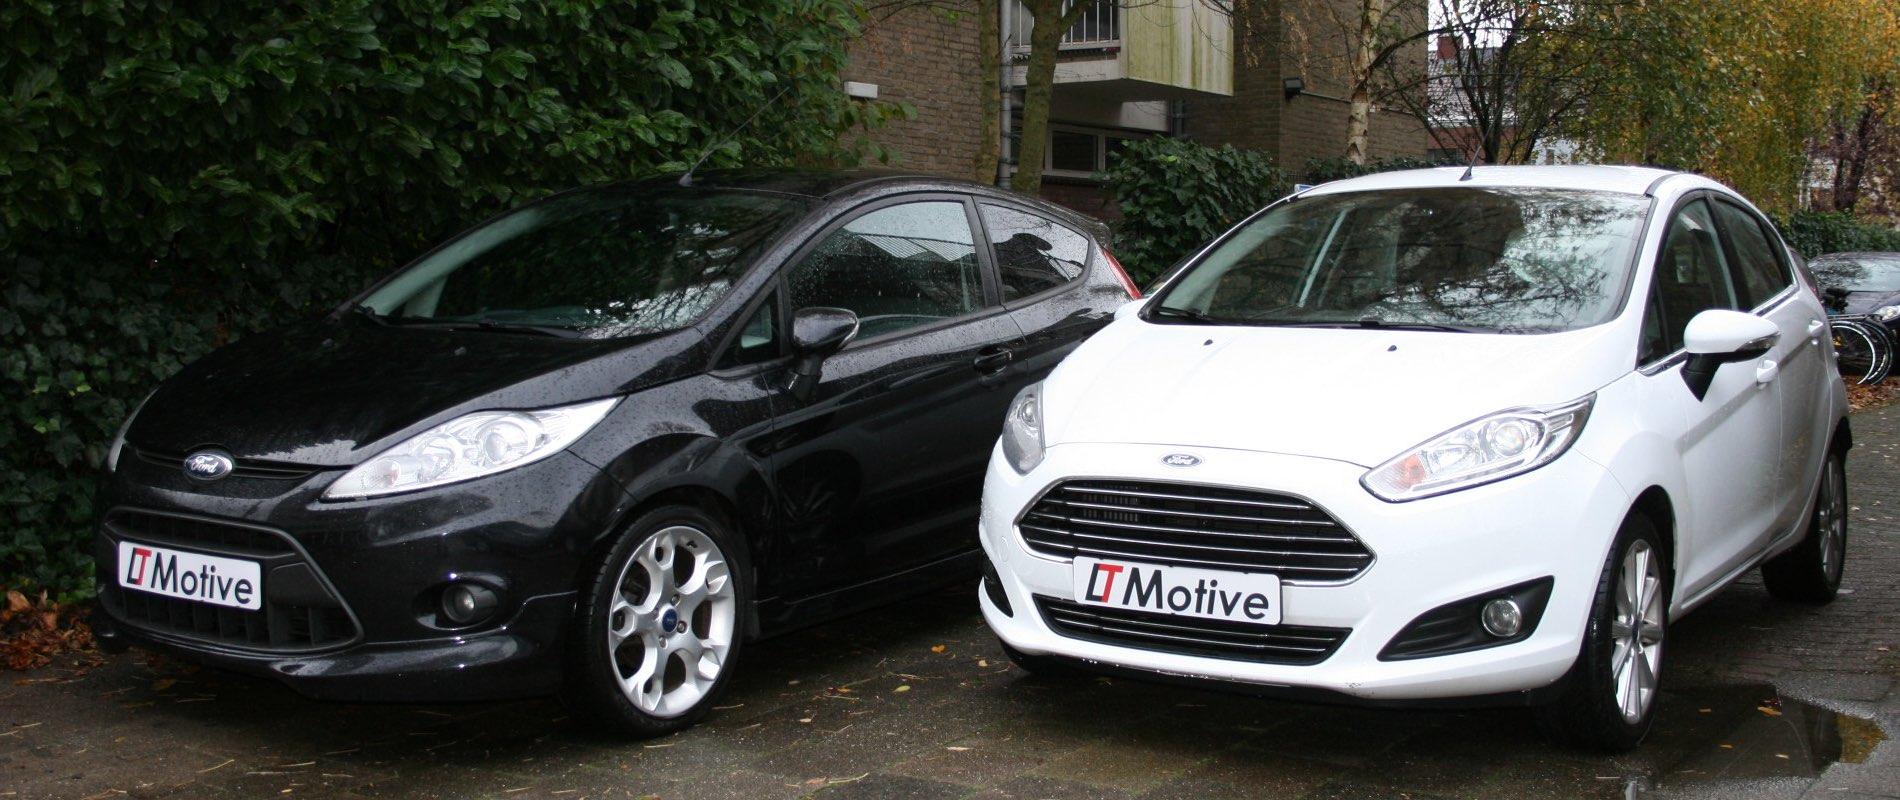 LT Motive auto ford zwart/wit